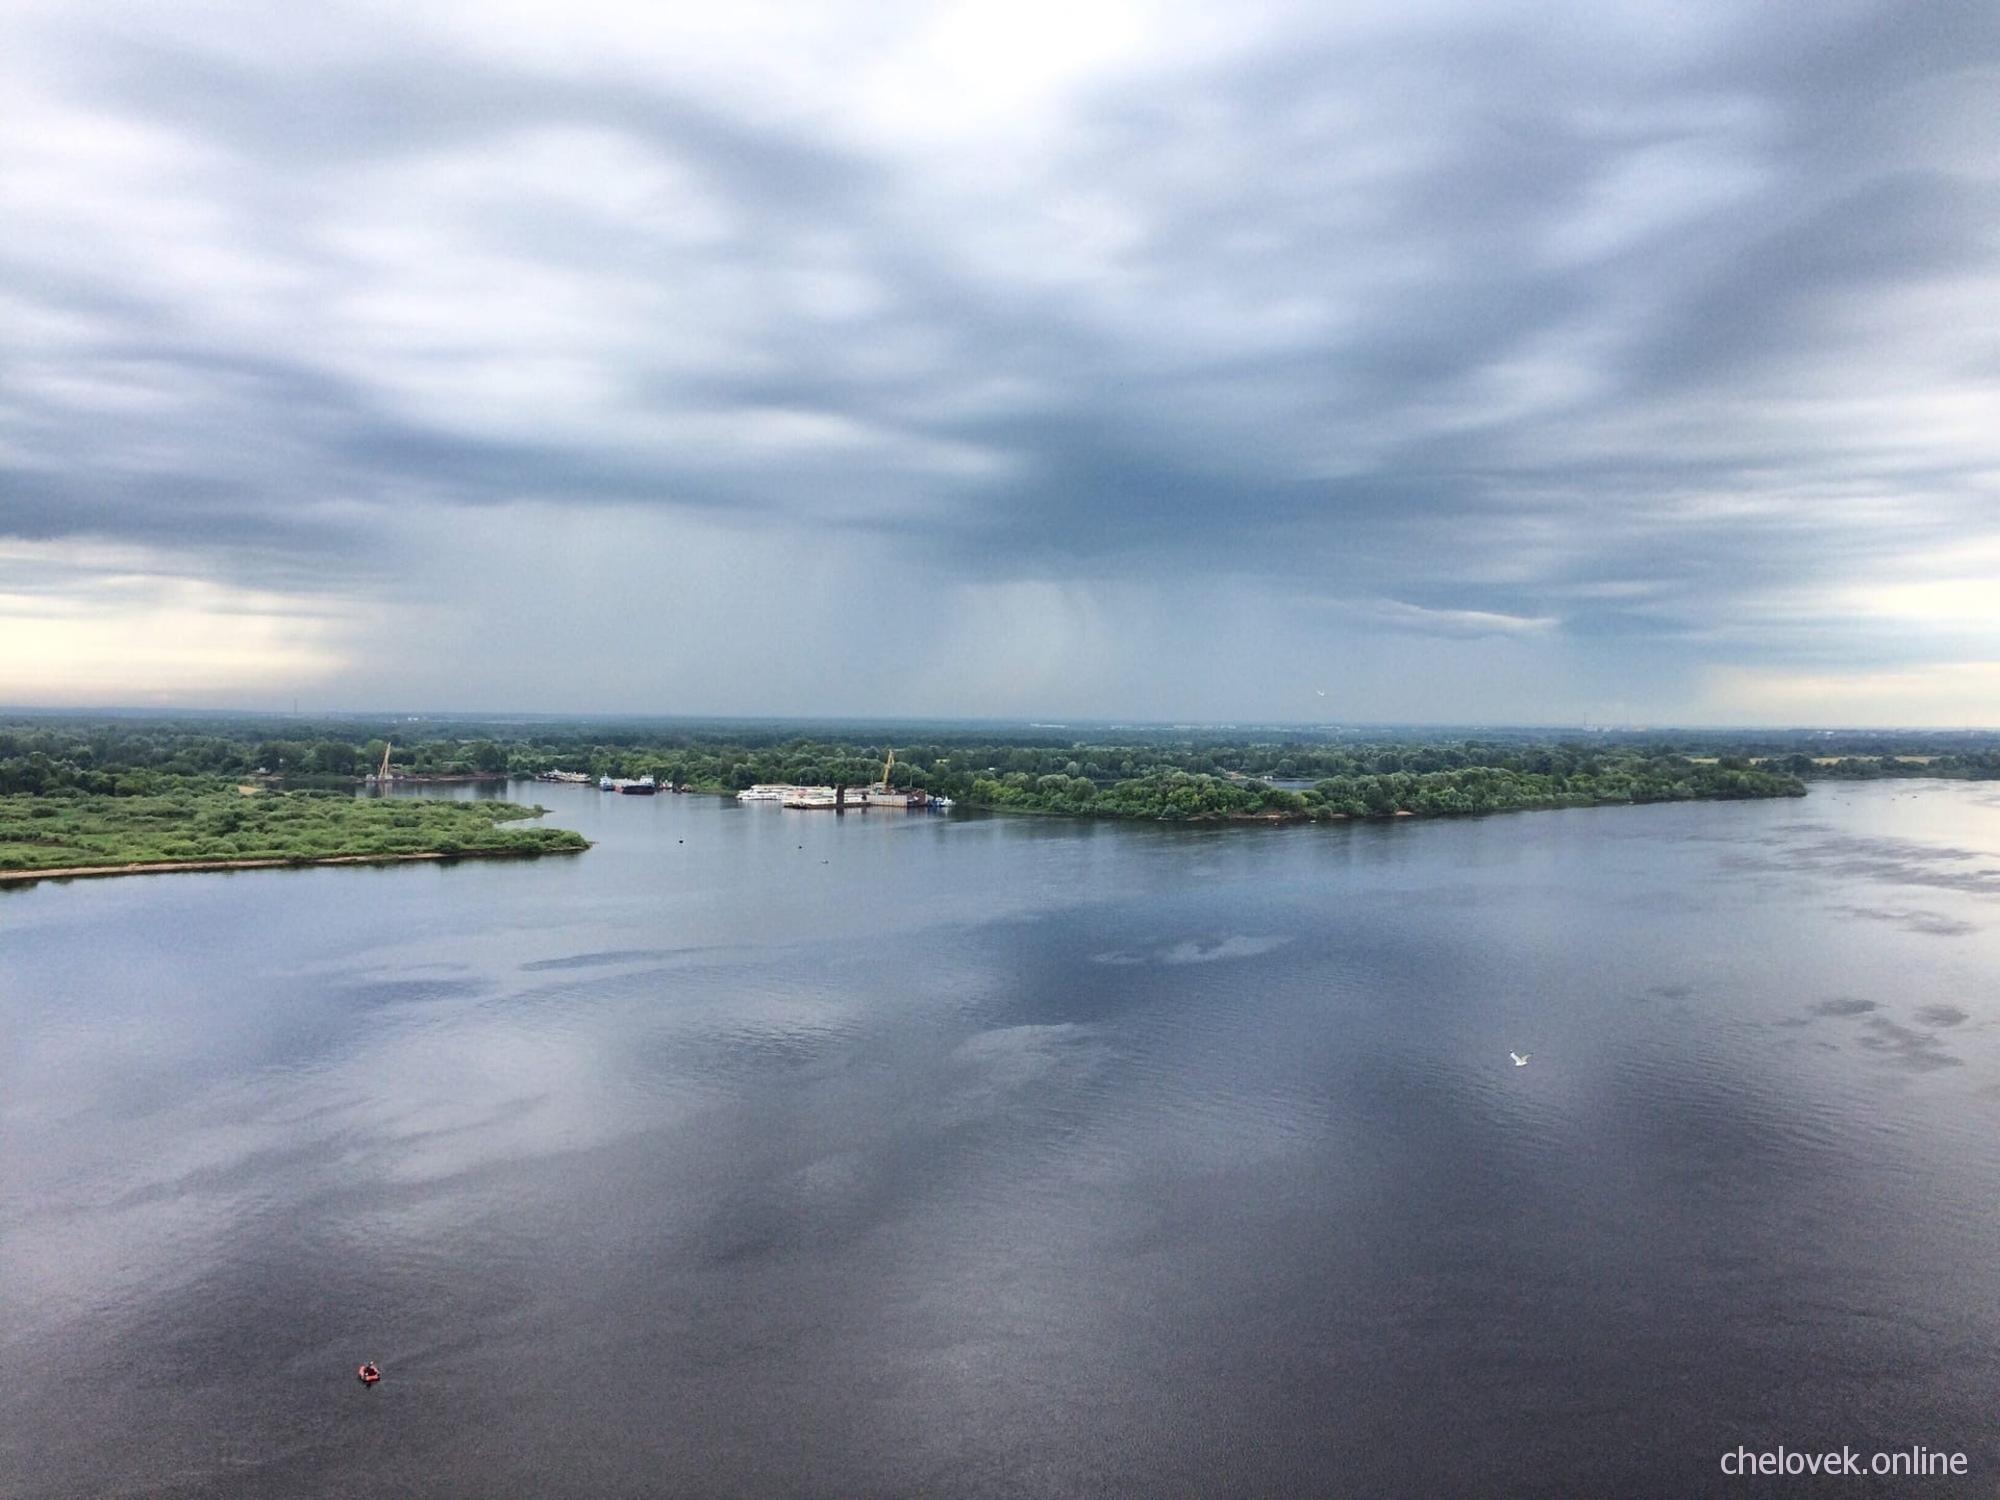 Волжские просторы. Вид на реку Волга у Борского (Волжского) моста